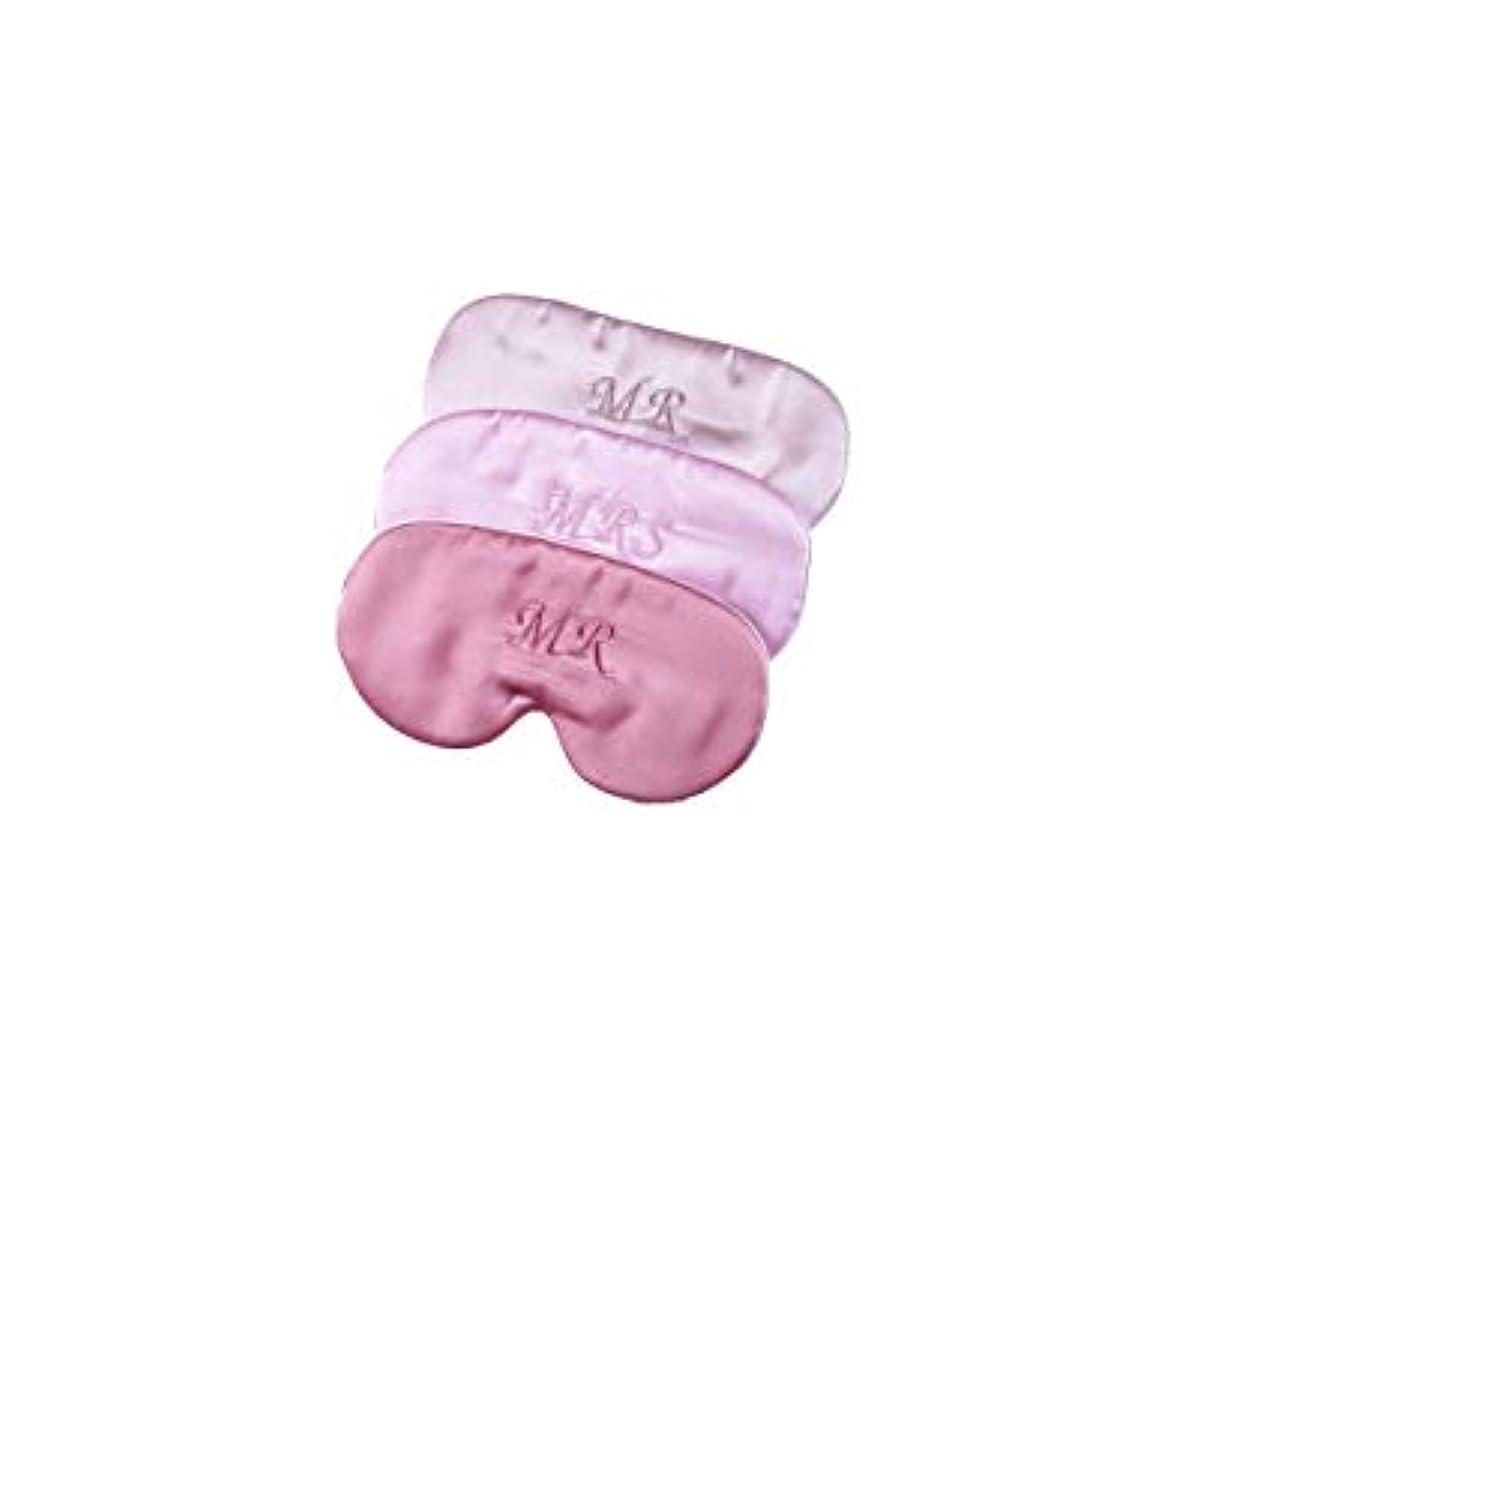 お祝い秘書やけどシルクゴーグル調節可能、100%シルク、イヤホン収納バッグギフトボックス4セットの刺繍モデル日よけ女性、通気性、快適、いびきアーチファクト (Color : Pink)